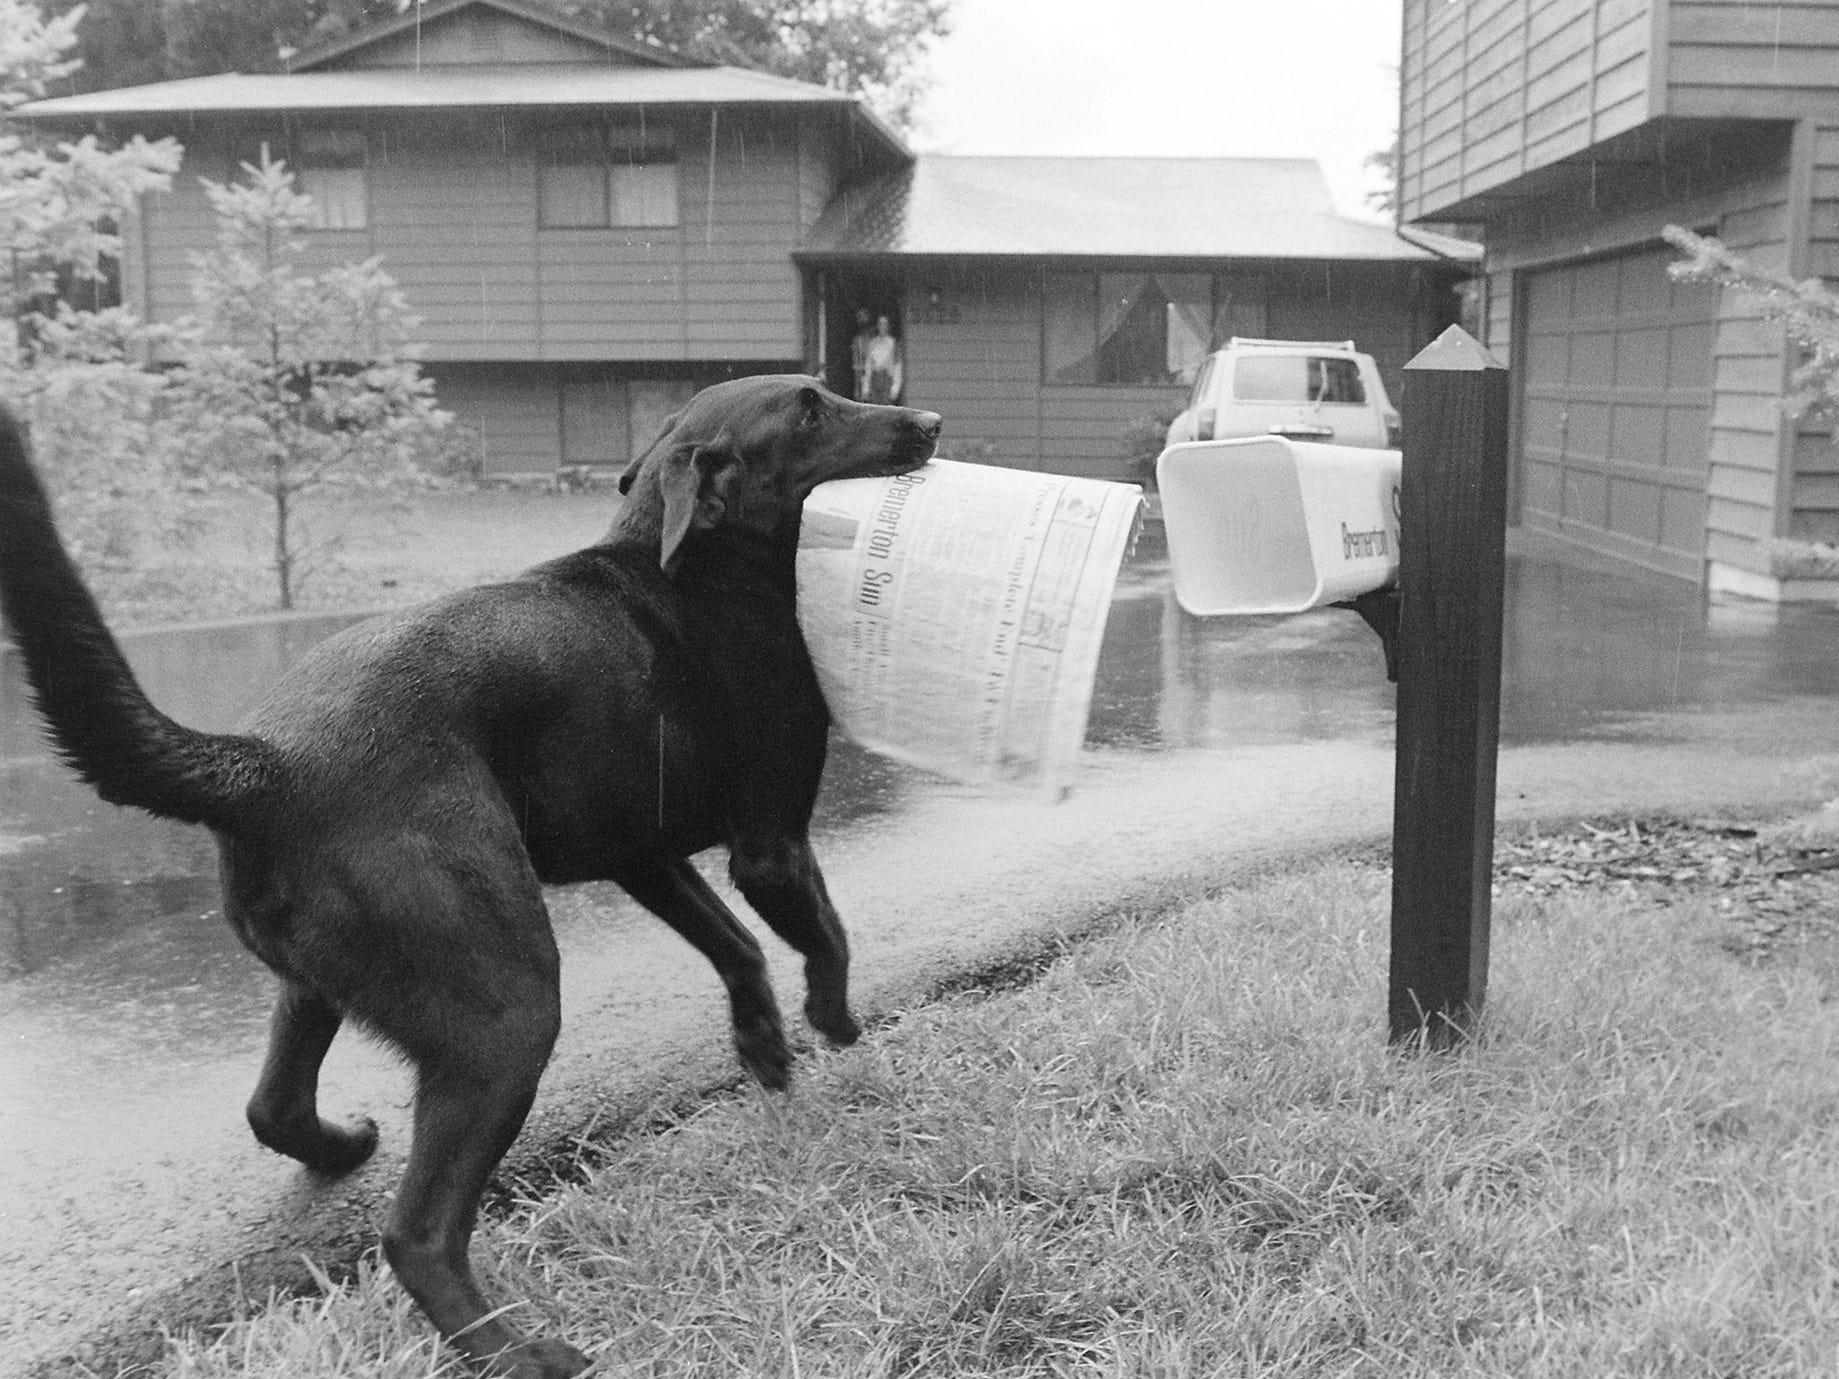 08/10/82Dog Gets Paper